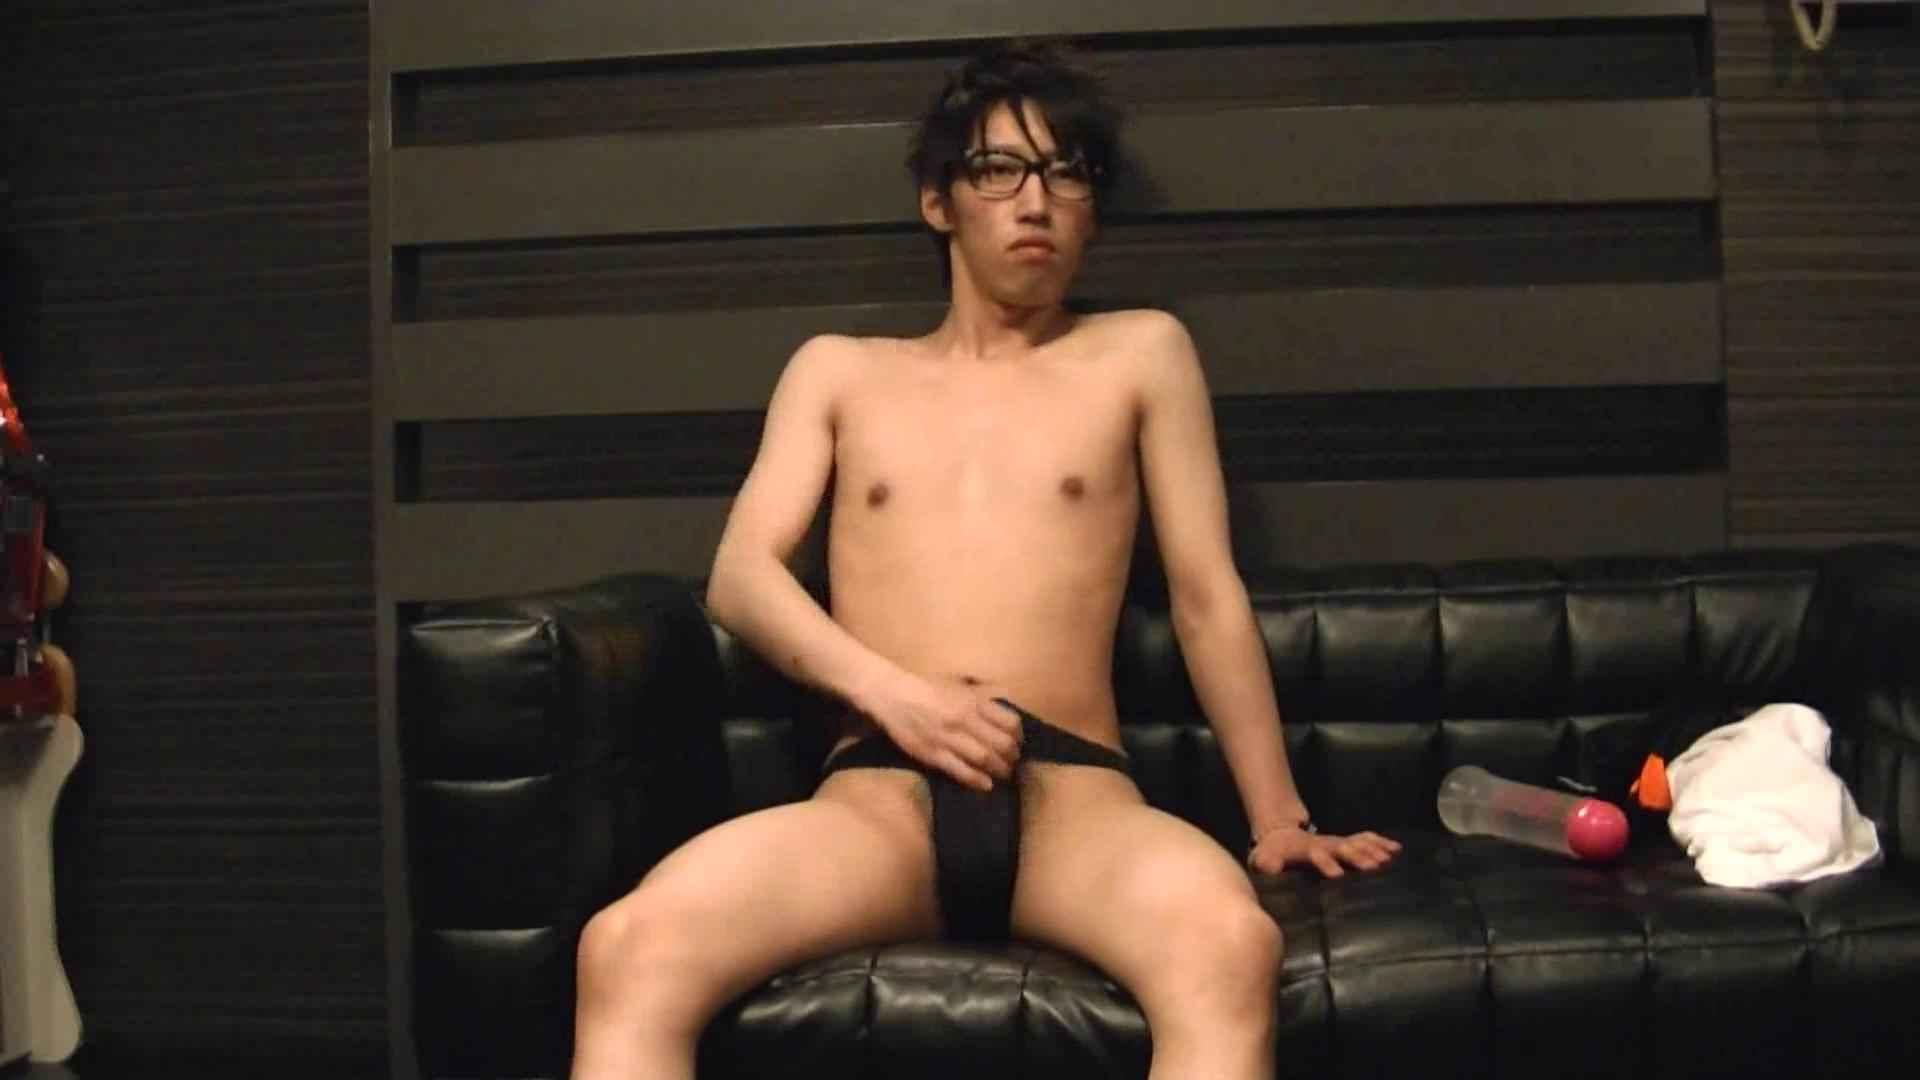 ONA見せカーニバル!! Vol3 男の世界 | オナニー専門男子  98画像 33